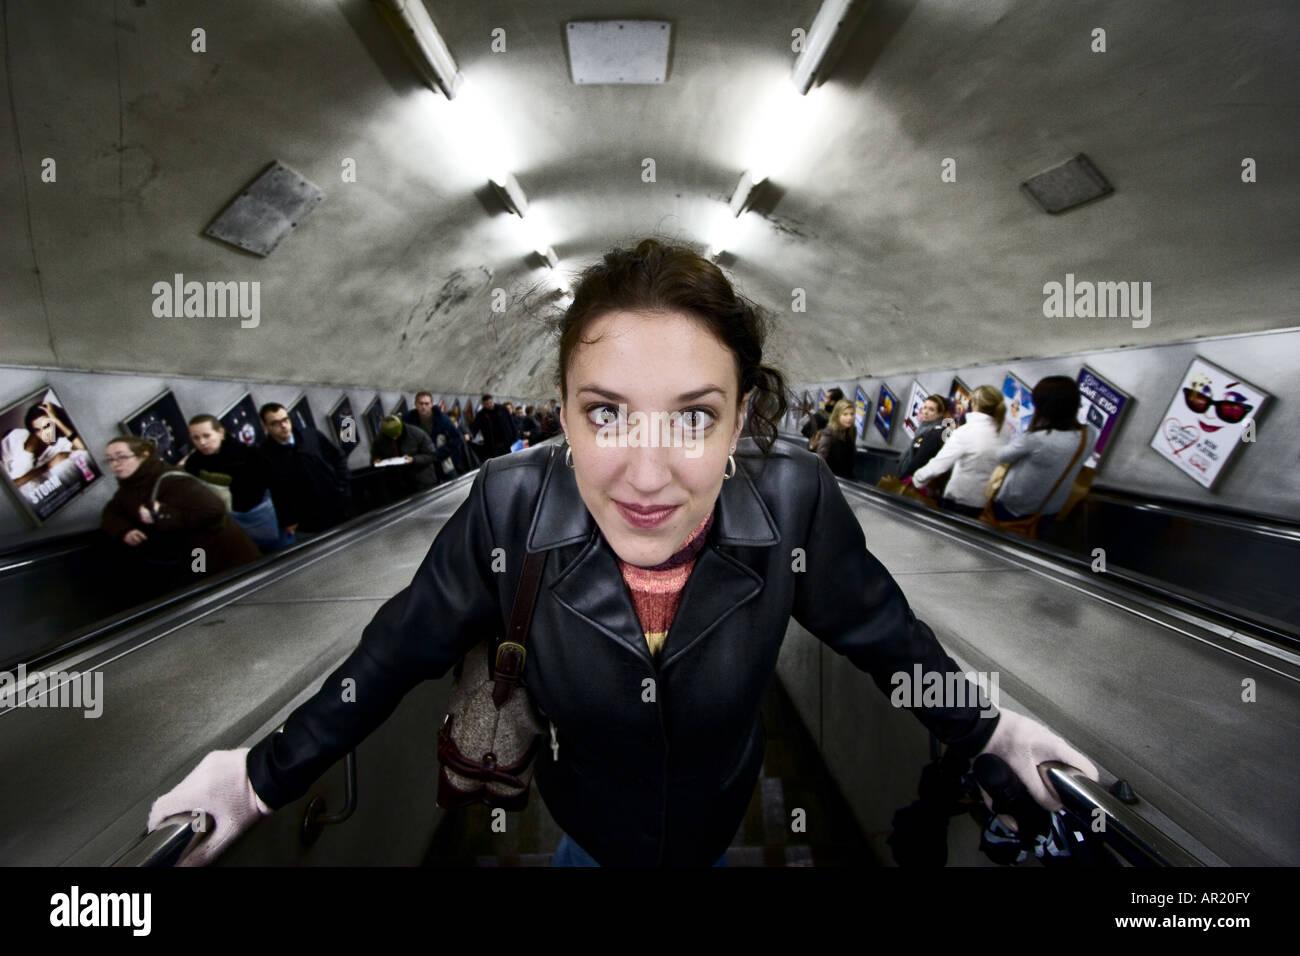 Donna sulle scale che portano a un London Underground tube station unica donna in primo piano è il modello Immagini Stock